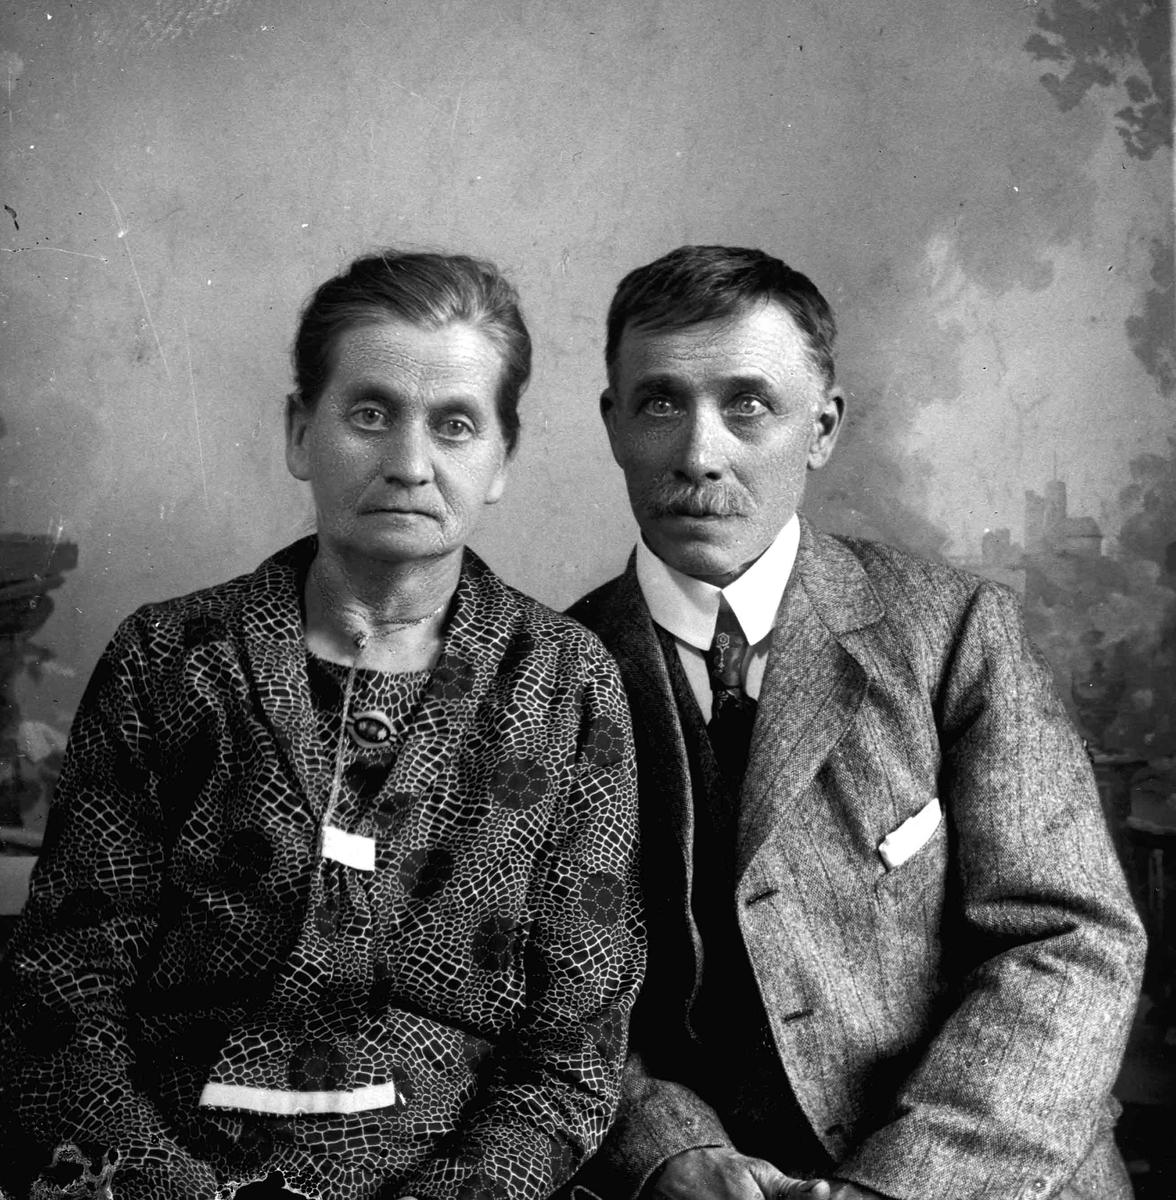 Portrett. Kvinne og mann